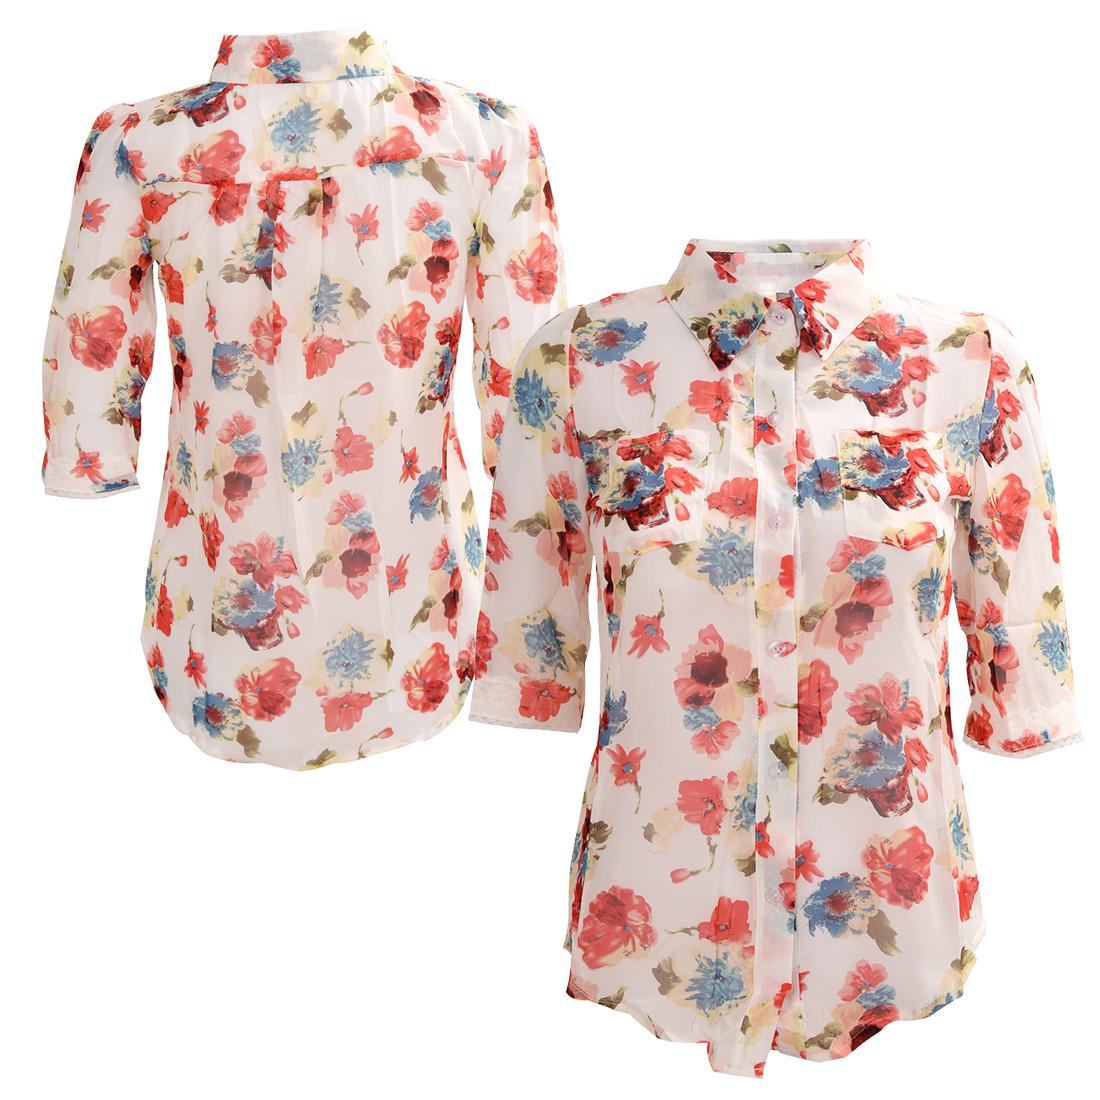 Women-Elegant-Loose-Printed-Chiffon-Casual-Tops-Blouses-S-H7J1